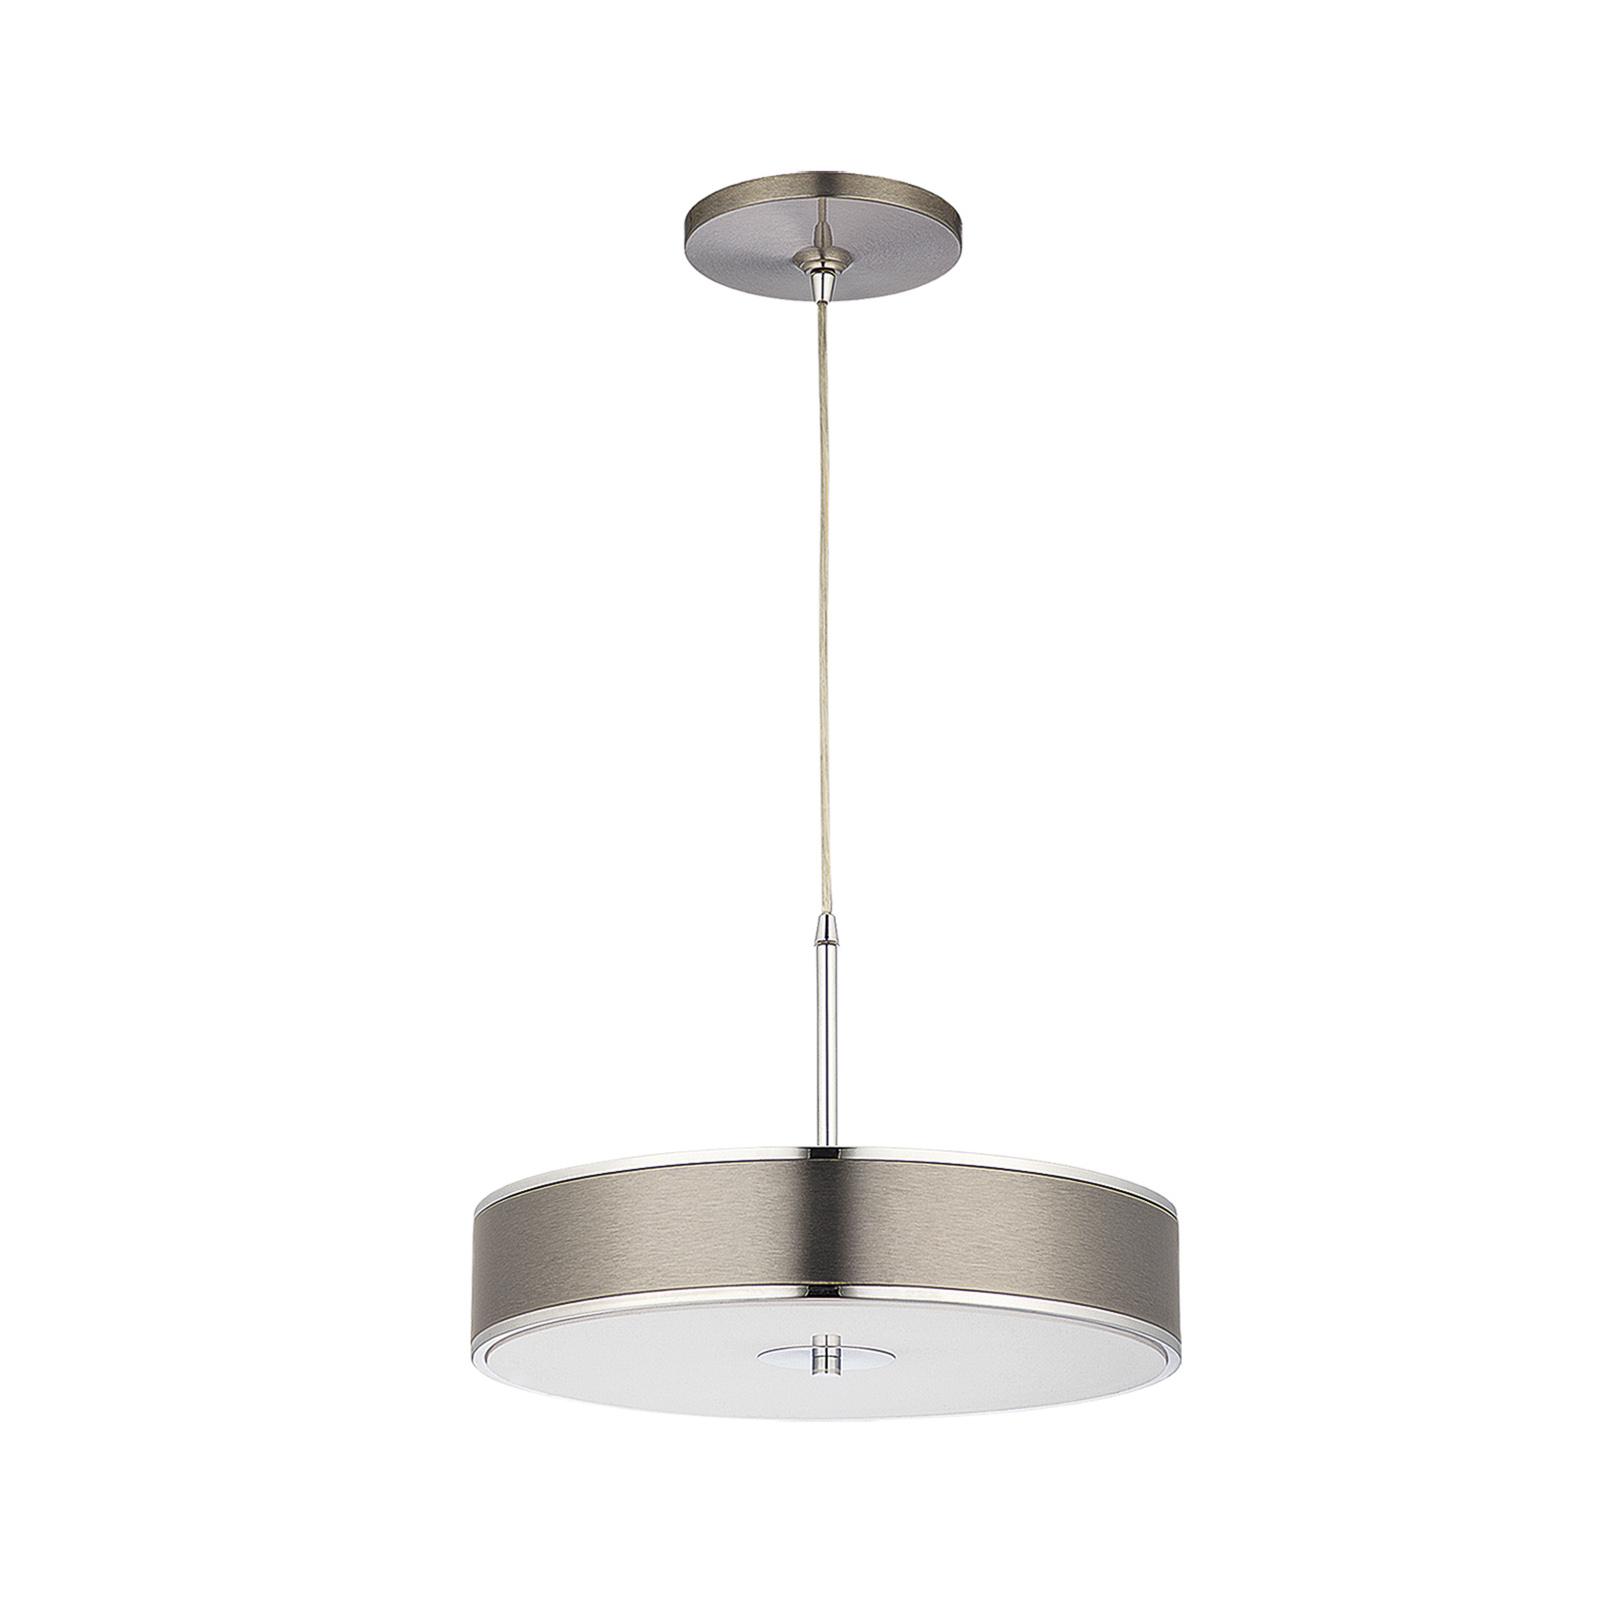 Lampa wisząca Riga, chrom Ø 40 cm